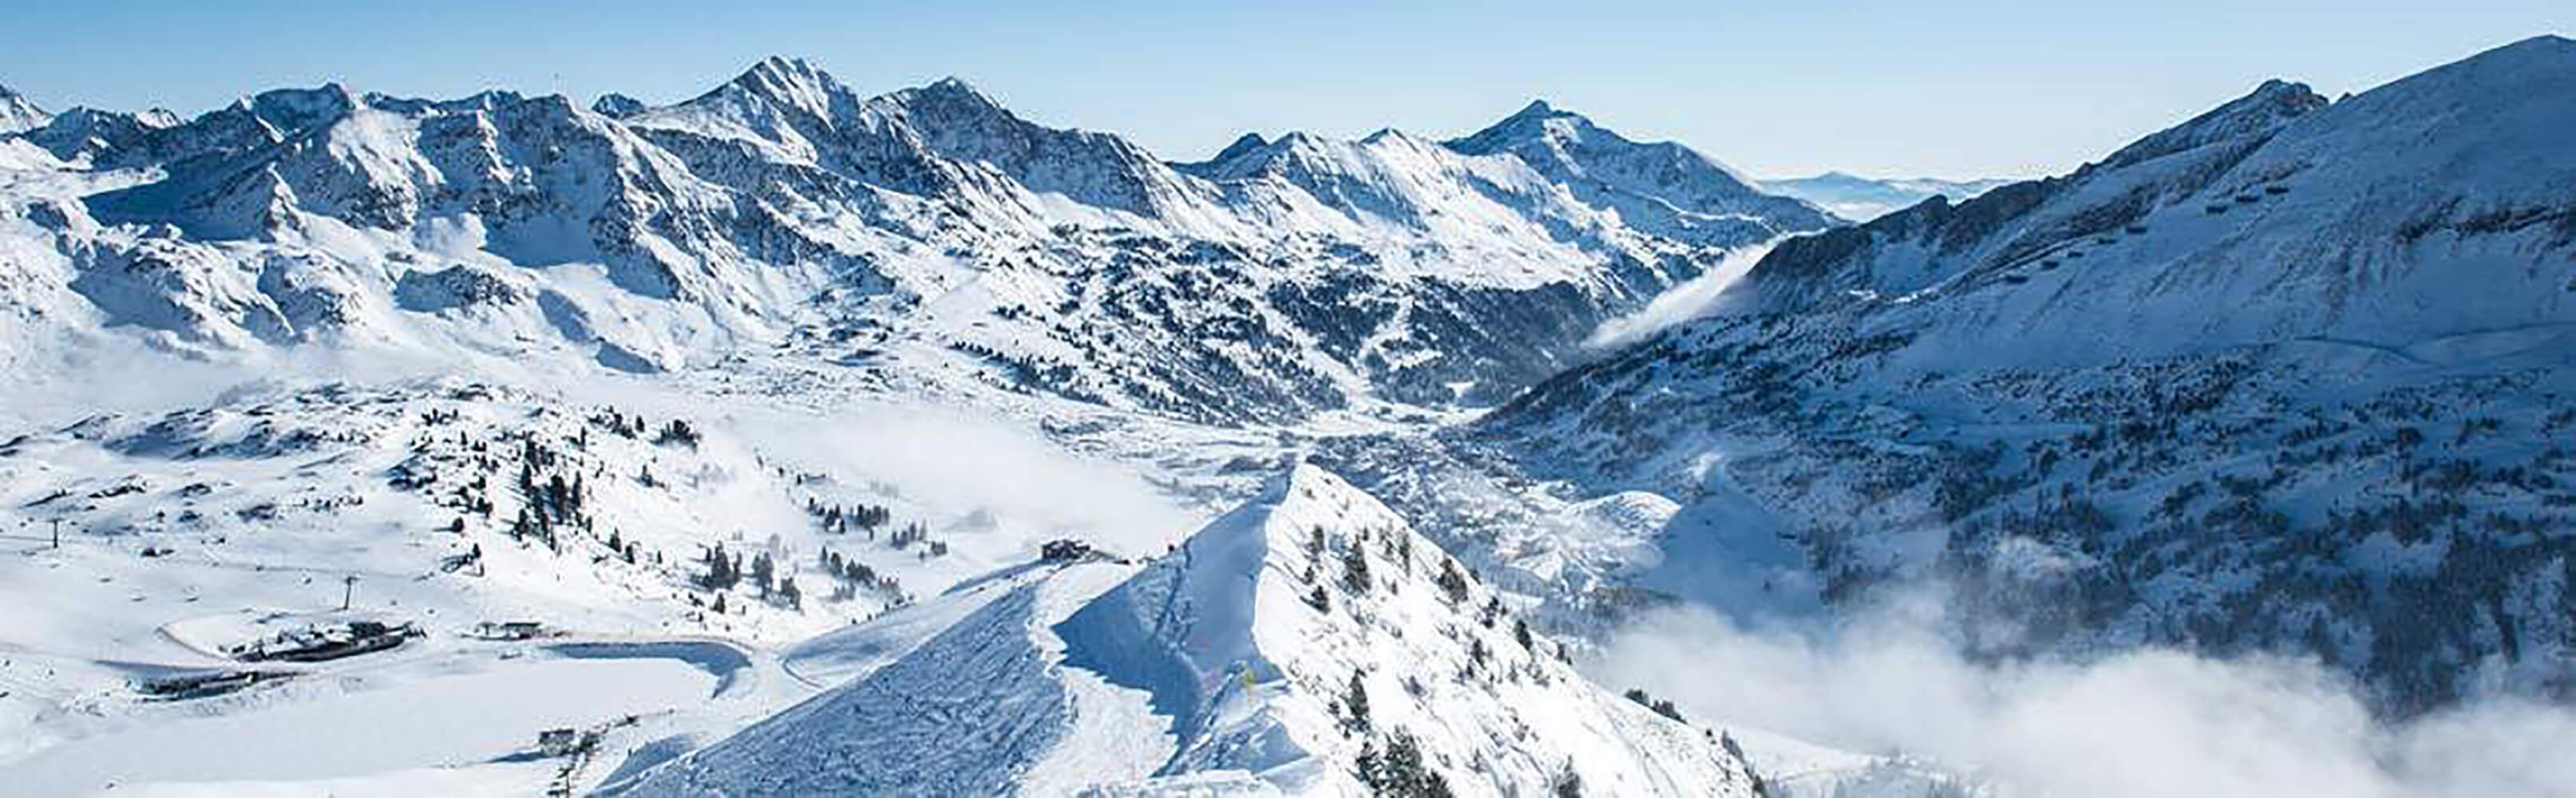 Obertauern - Wir sind Schnee! 1